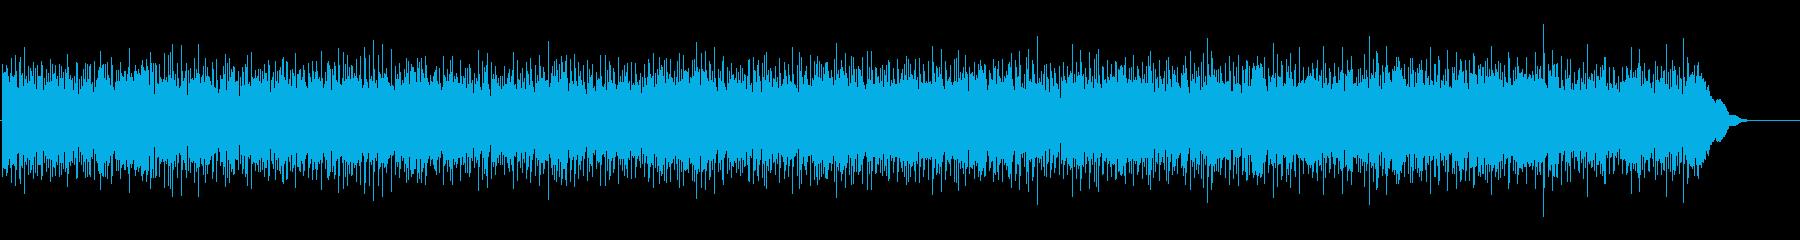 シリアスなロックの再生済みの波形